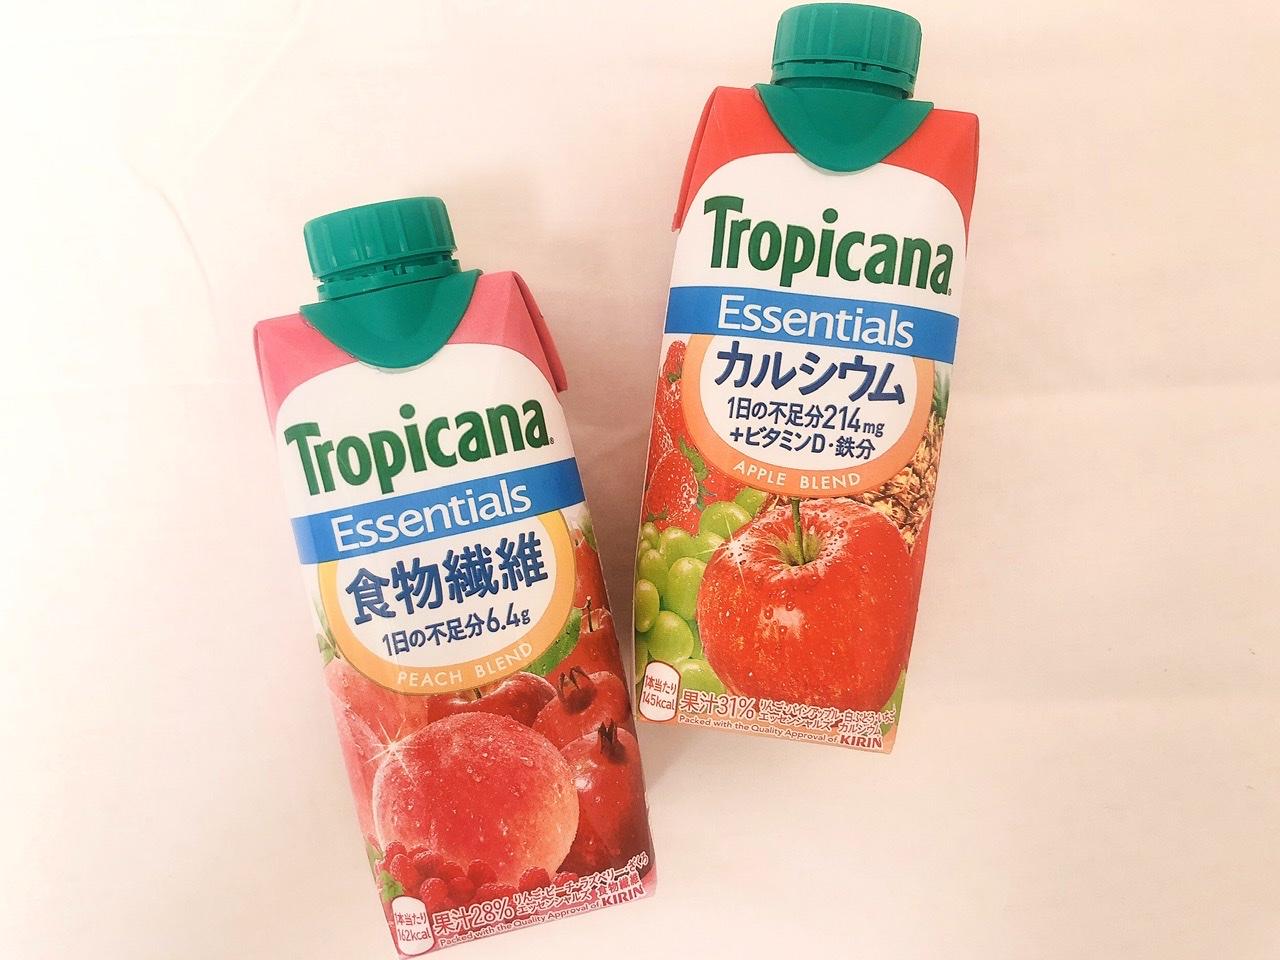 【忙しい朝に!】トロピカーナのジュースでお手軽に栄養補給!_1